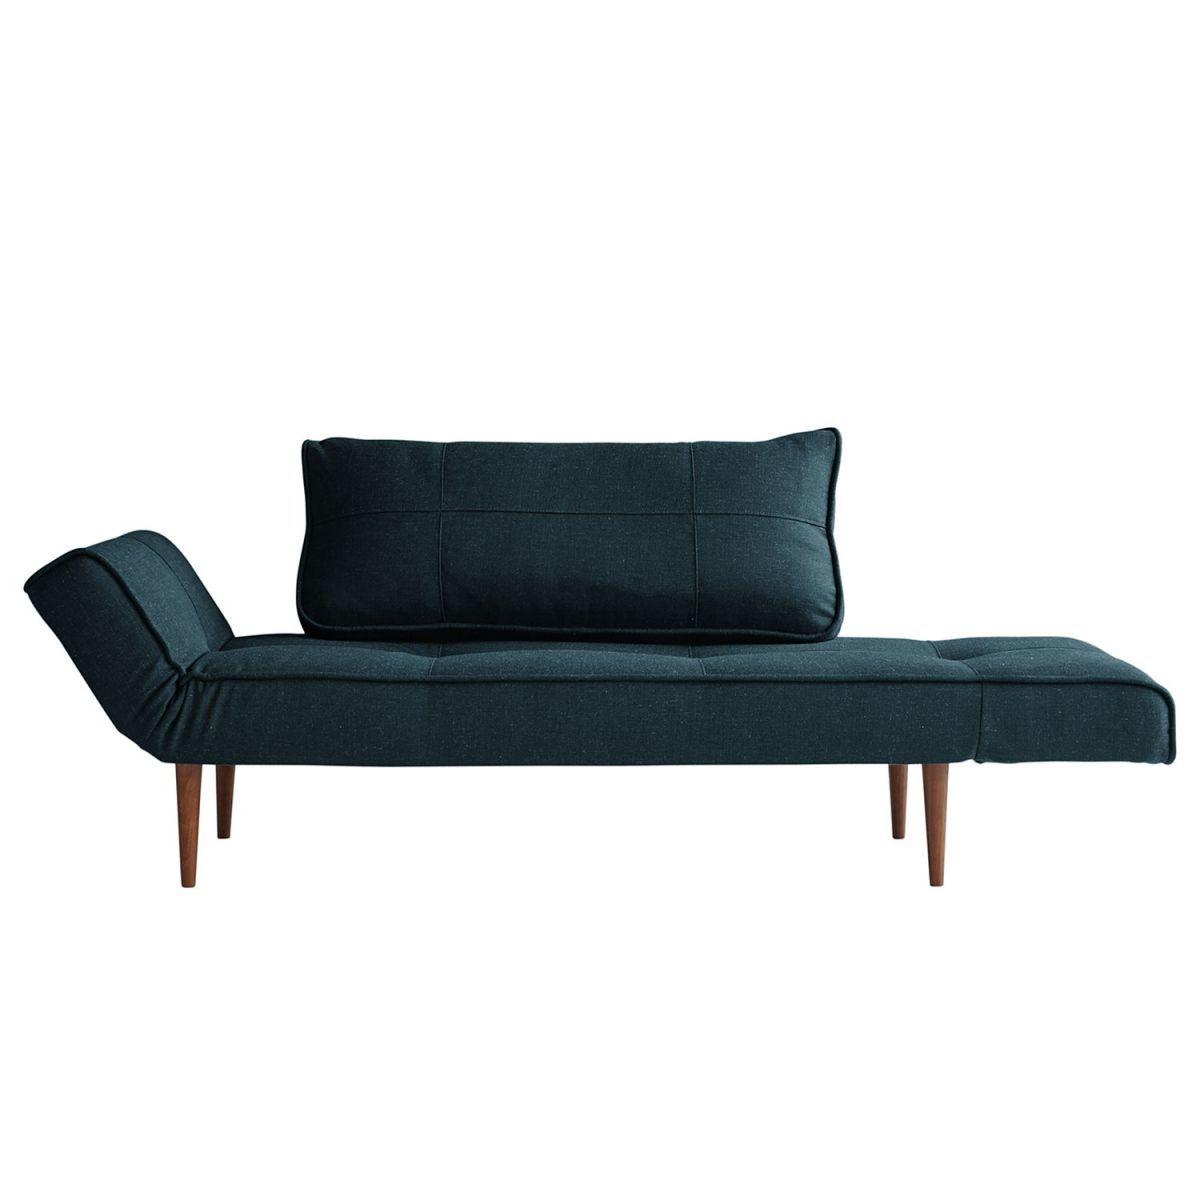 Schlafsofa Zeal   Webstoff Blau, Innovation Möbel Jetzt Bestellen Unter:  Https://moebel.ladendirekt.de/wohnzimmer/sofas/schlafsofas/?uidu003d7b378d5f B809 5452   ...